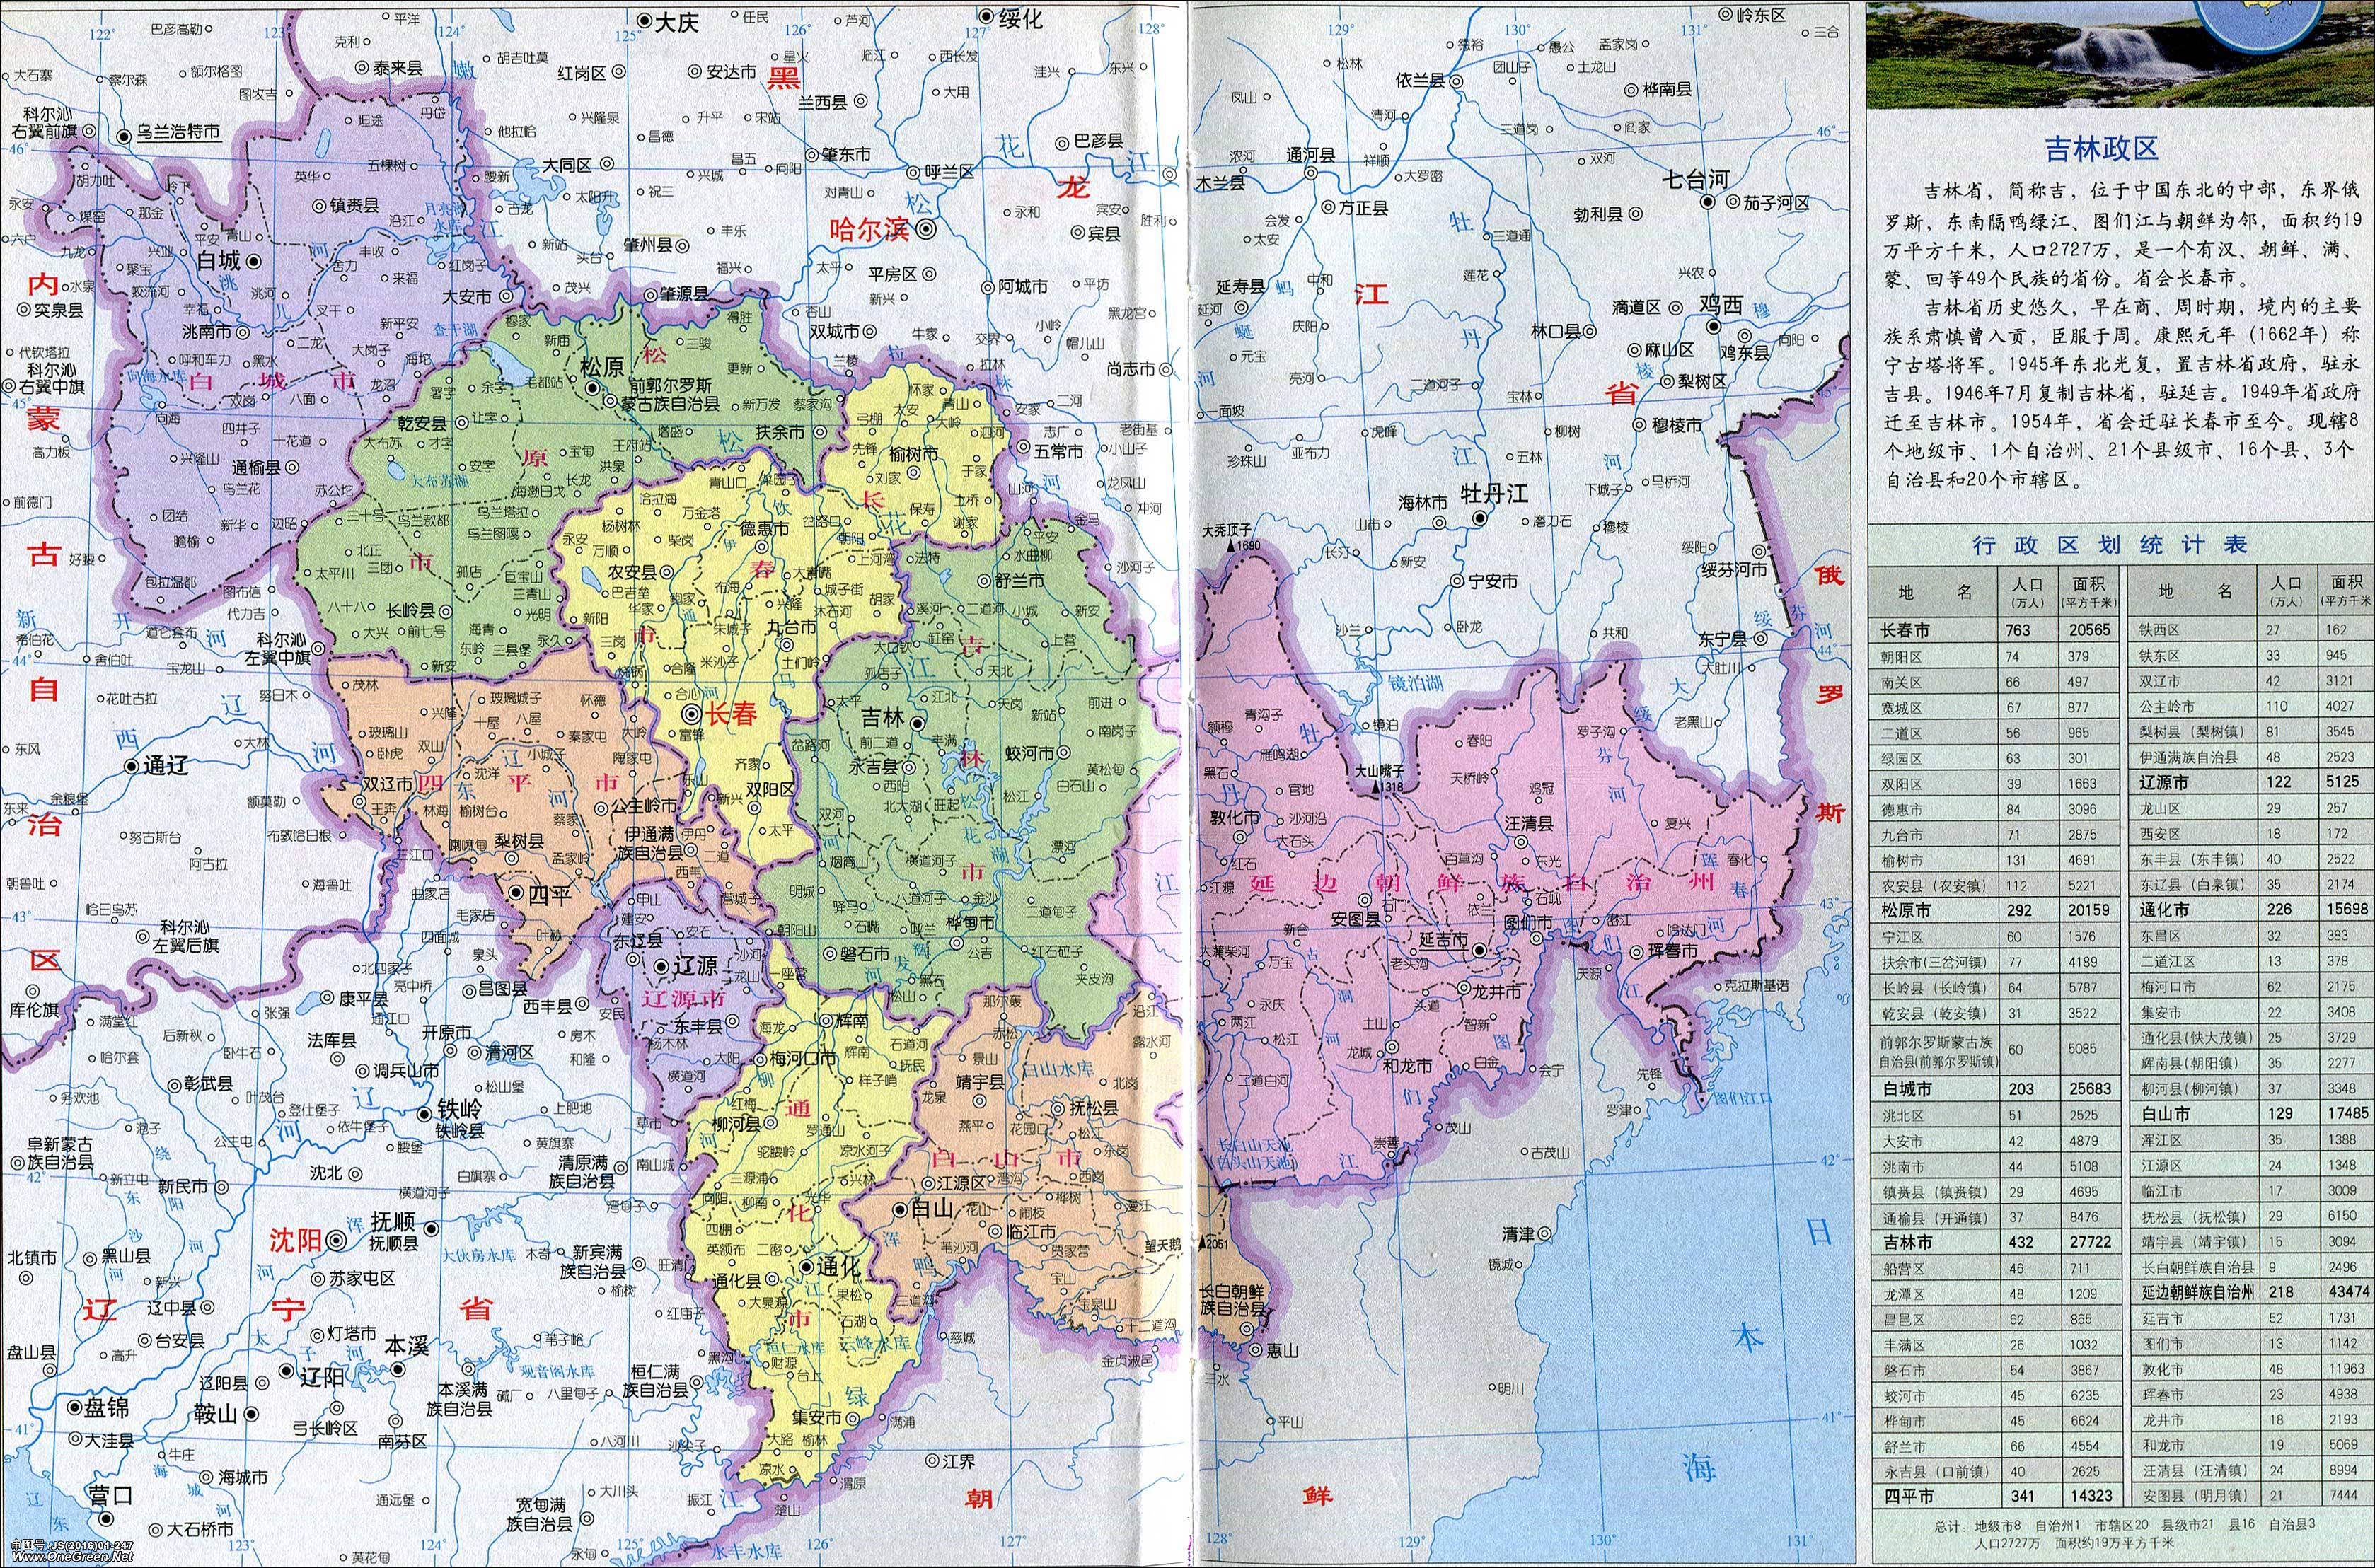 吉林省地图高清版